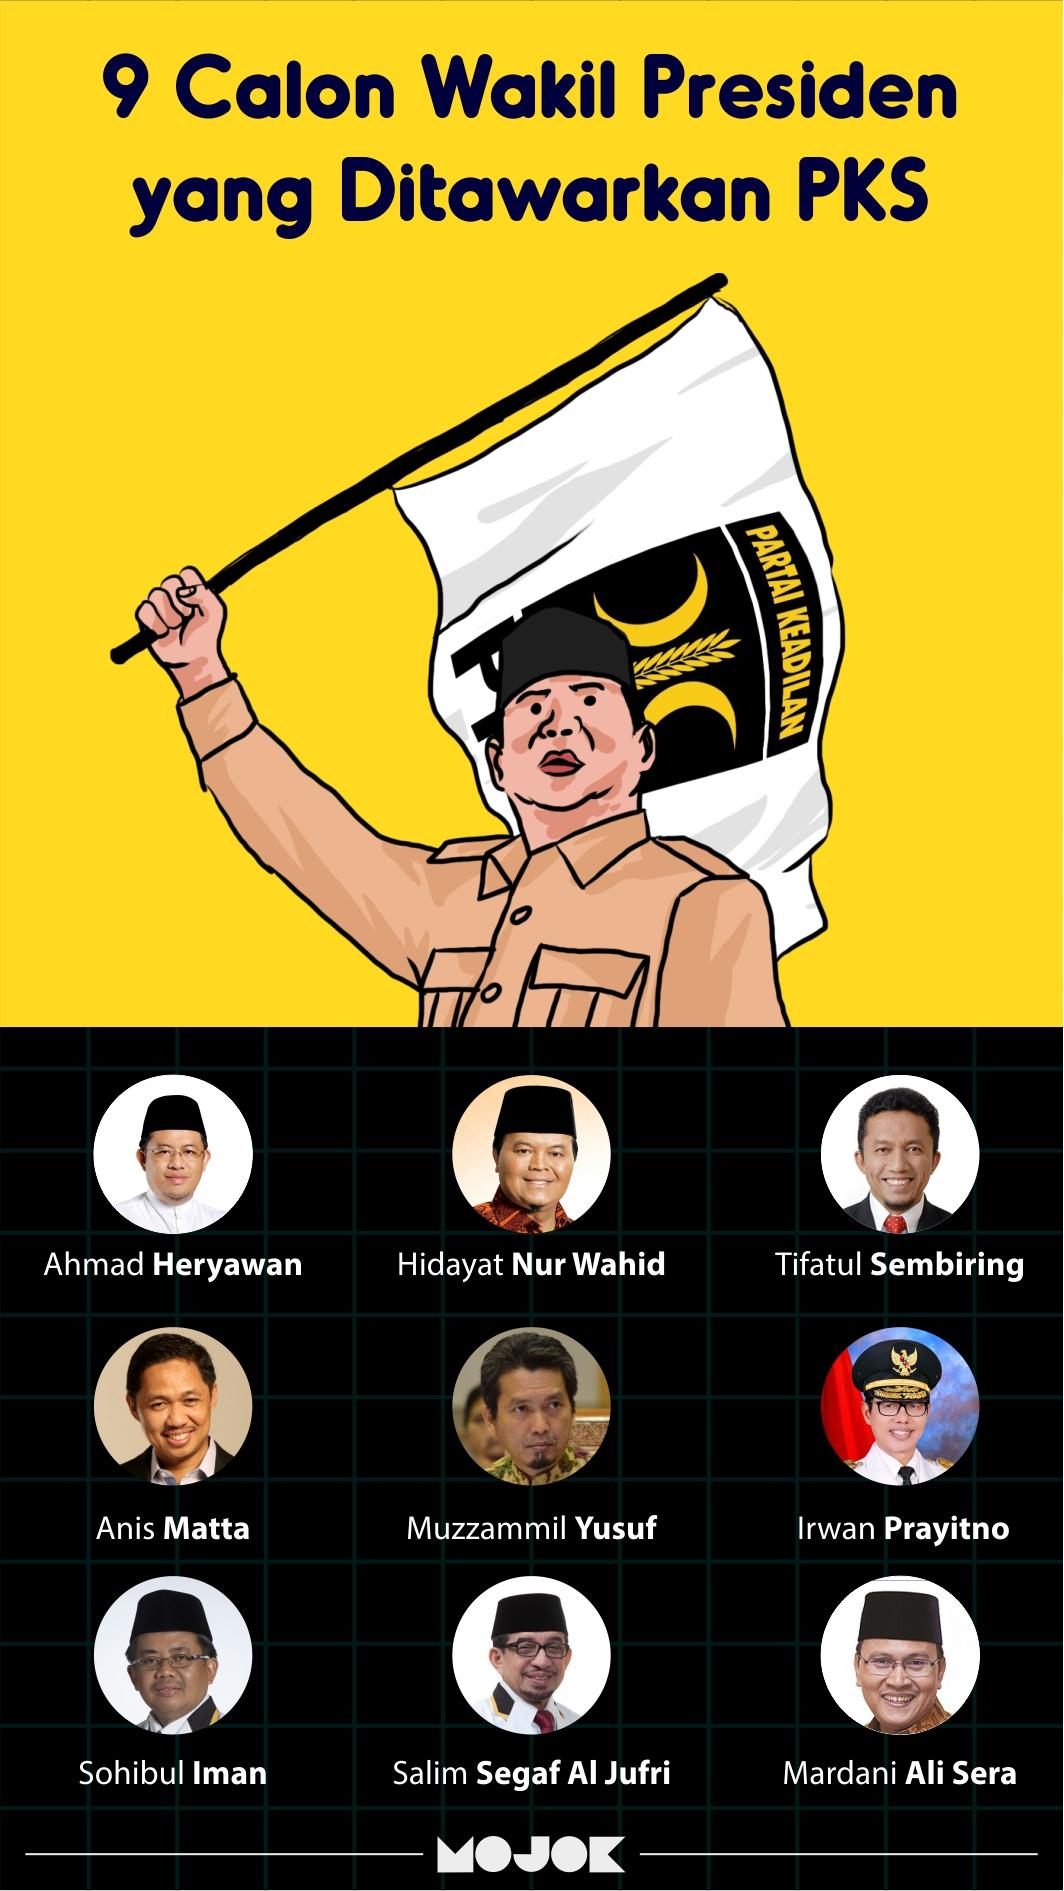 9 wakil presiden pks